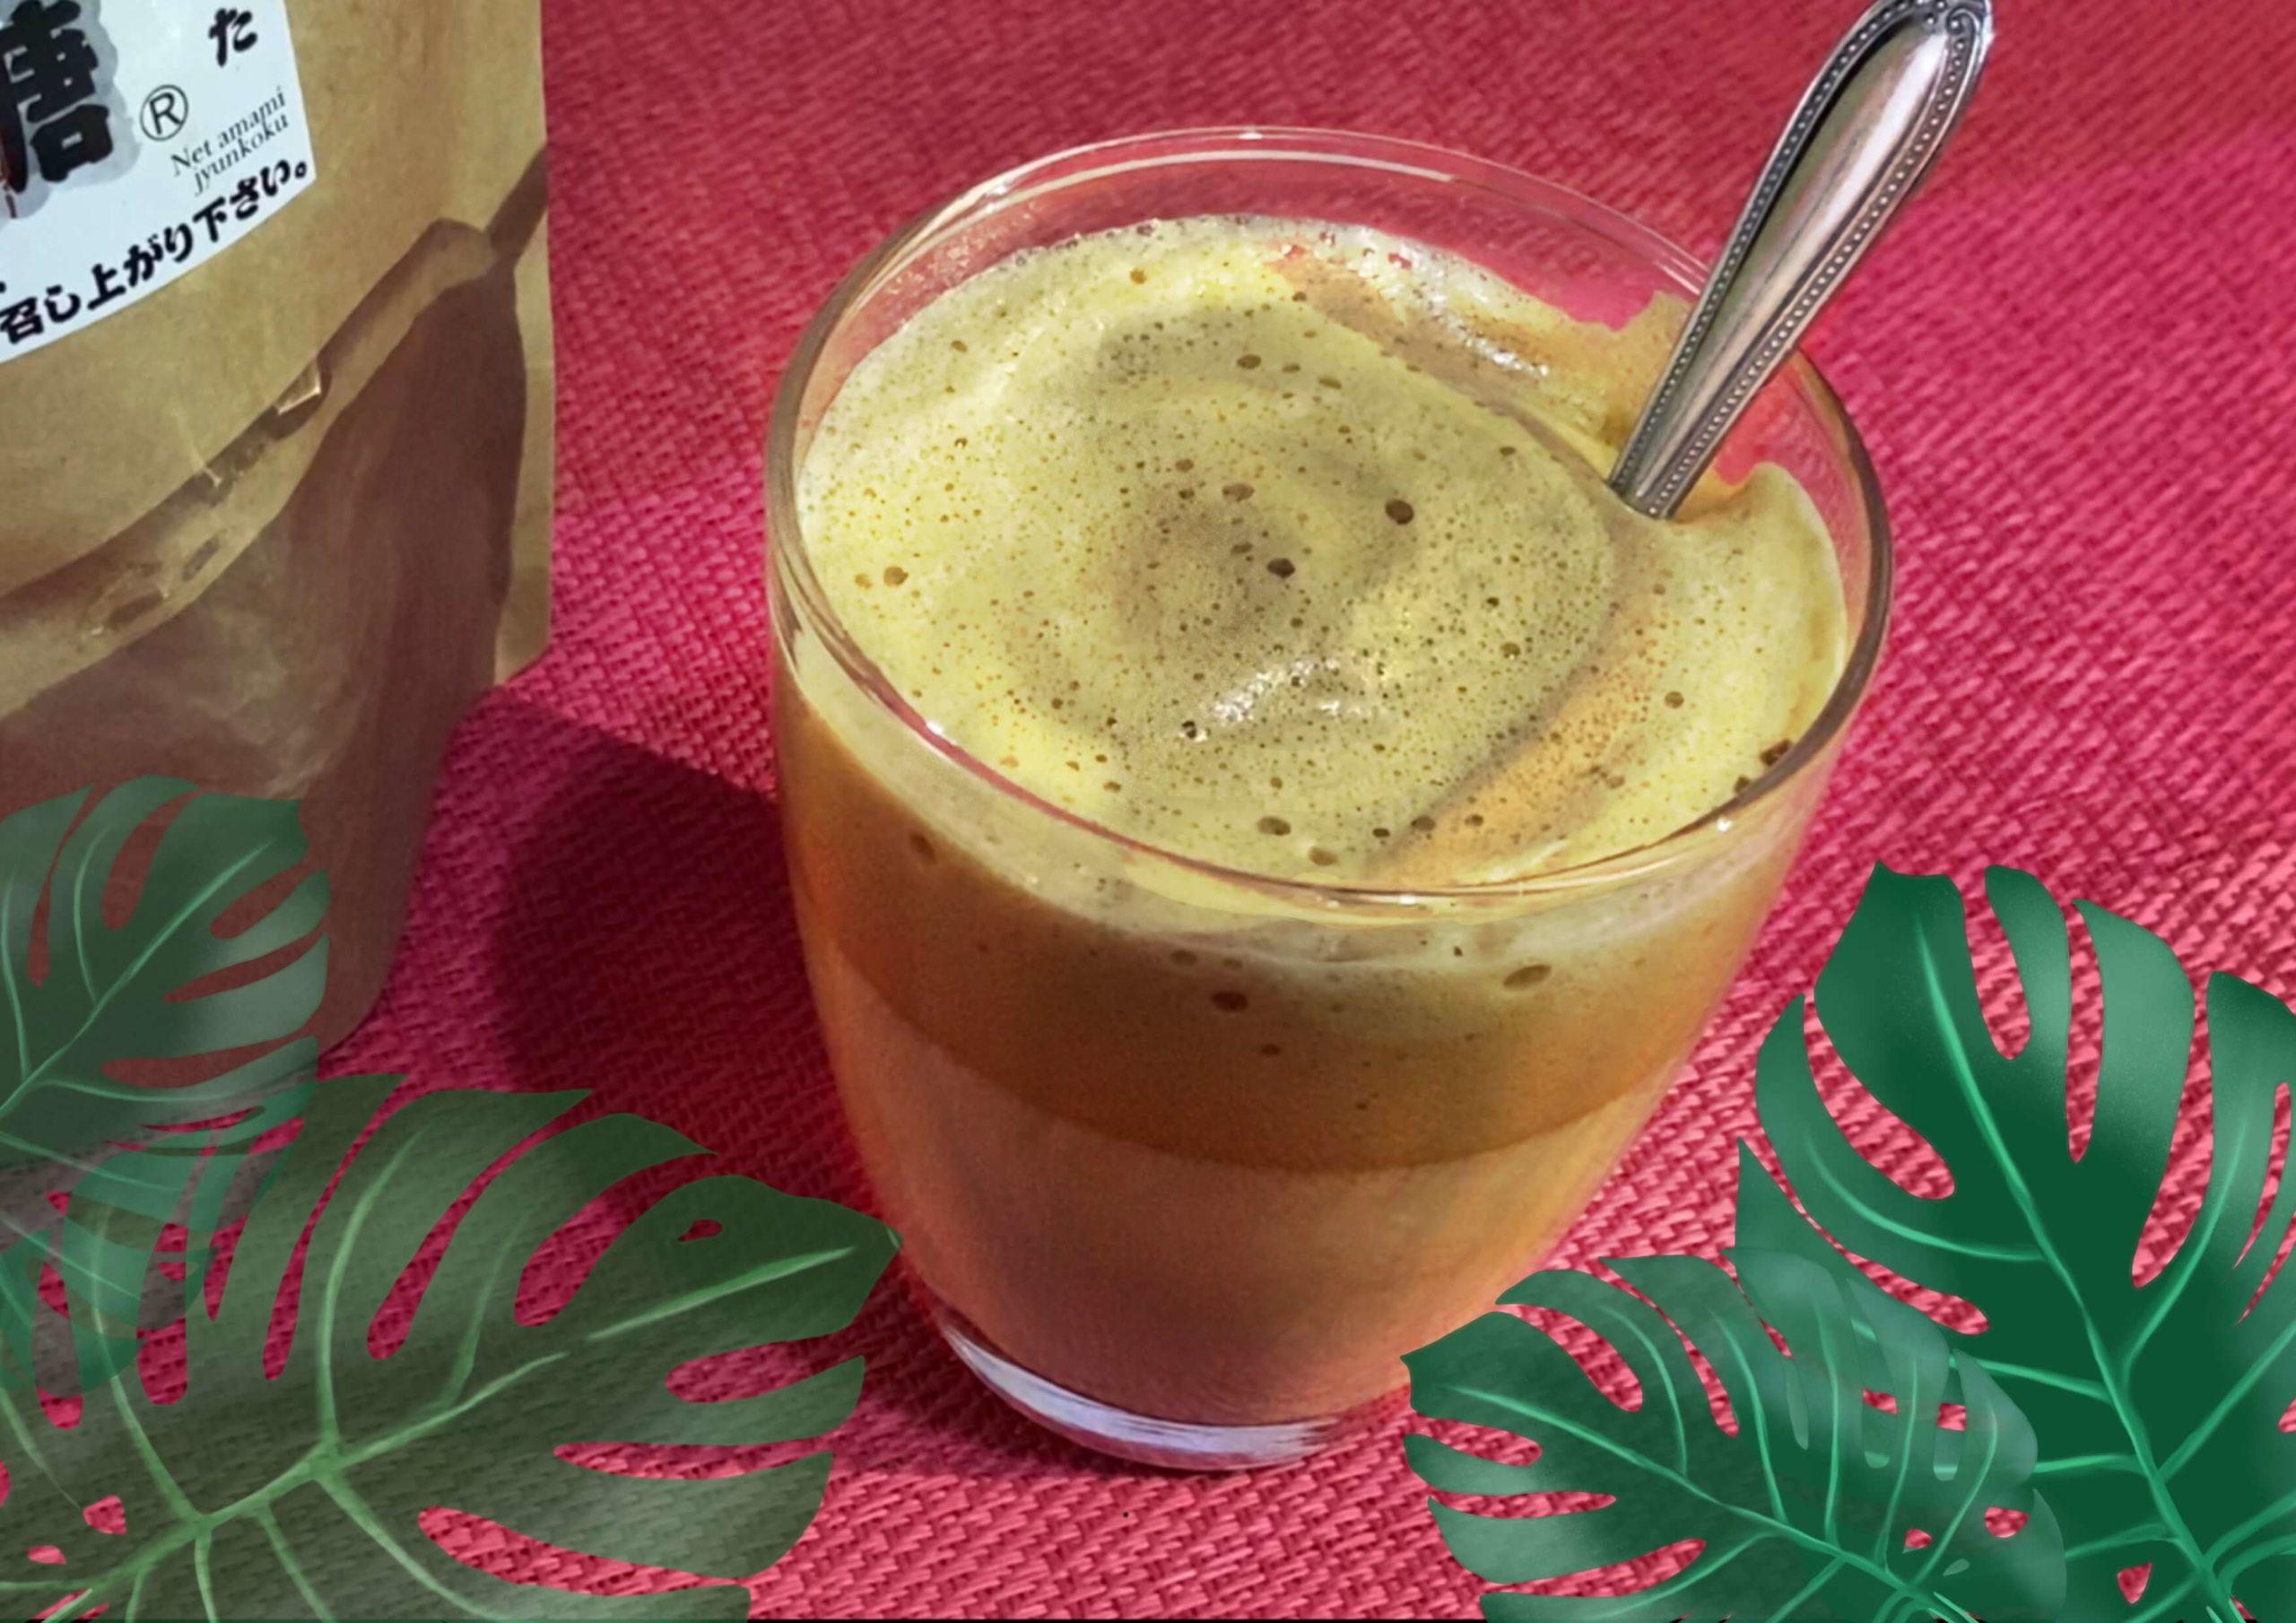 『新しい味に挑戦!黒糖でアレンジ ダルゴナコーヒー』